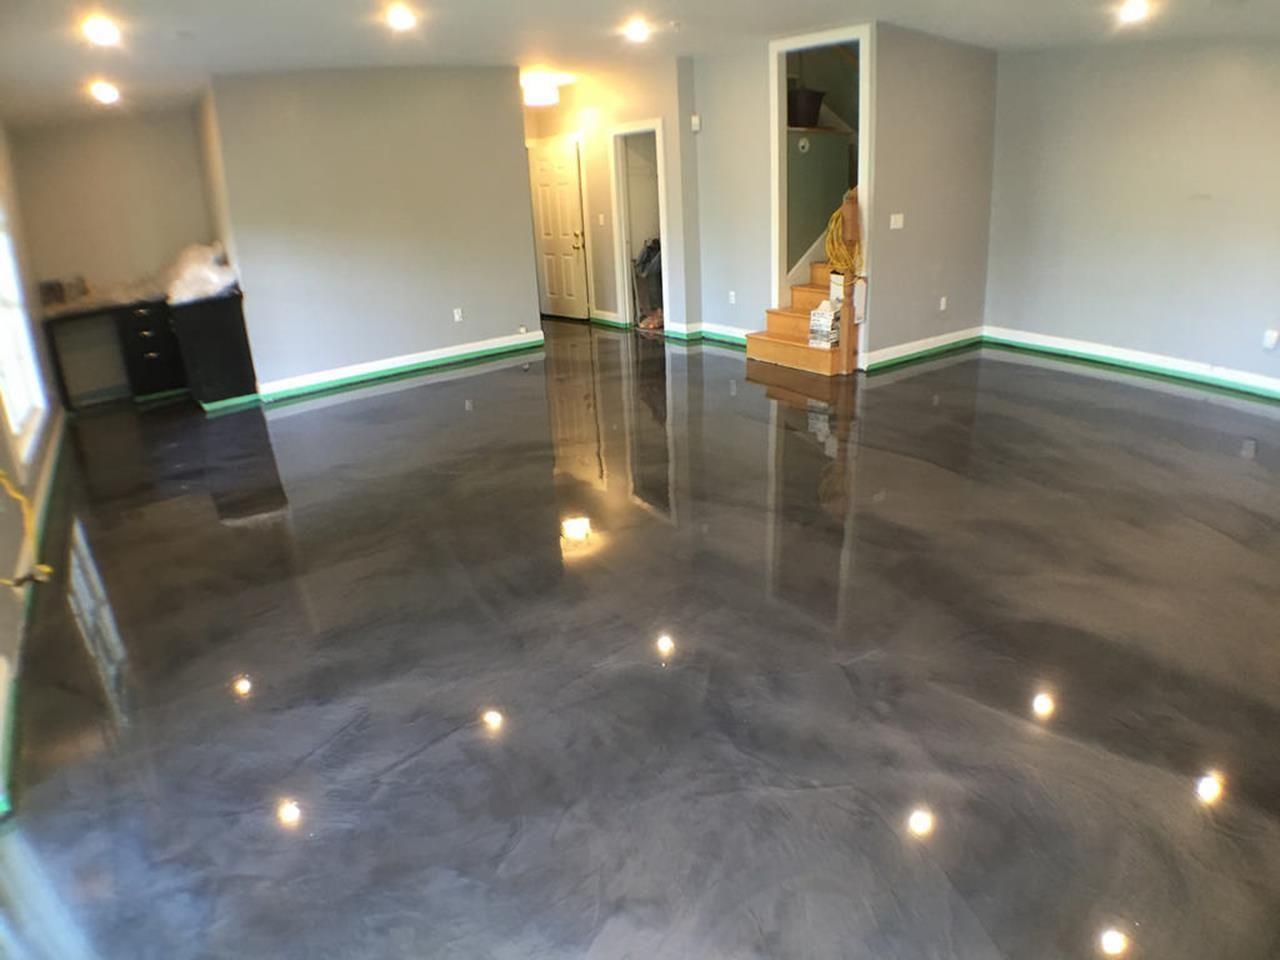 Basement Concrete Floor Paint Color Ideas 2 Basement Concrete Floor Paint Floor Paint Colors Painted Concrete Floors